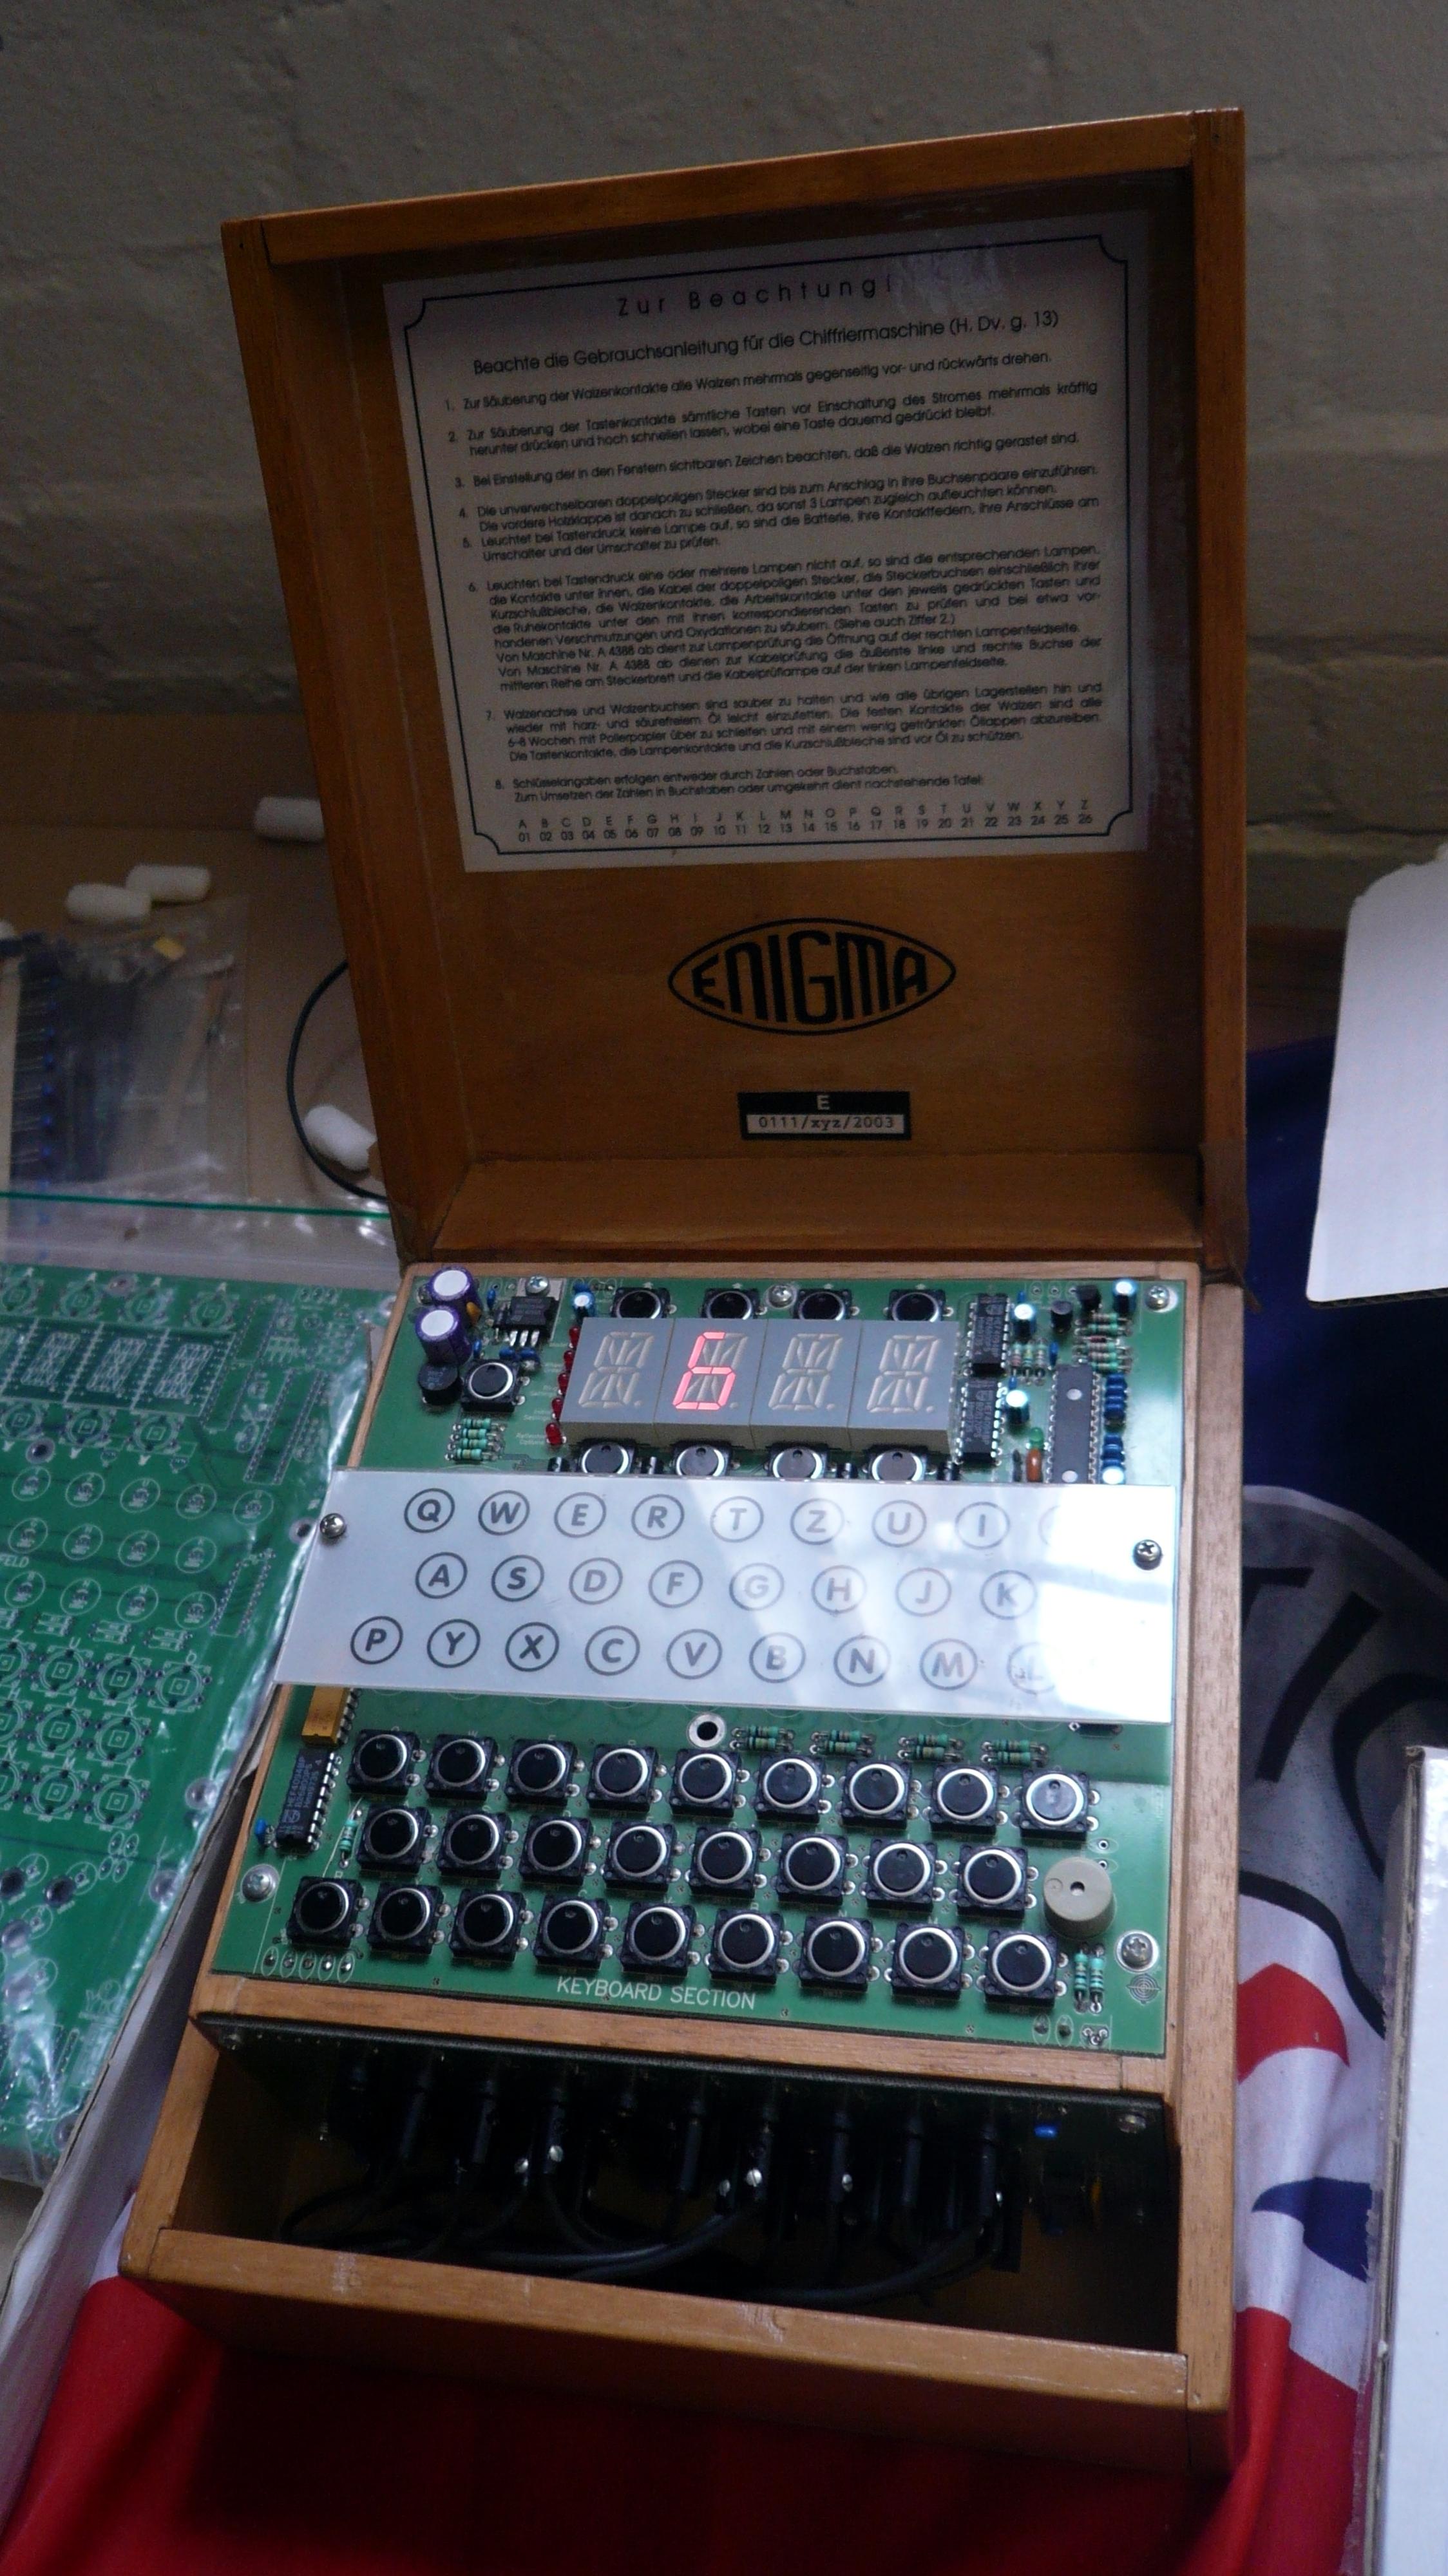 ParkBletchleyUK jpg DIY machineBletchley File Enigma odxerCB